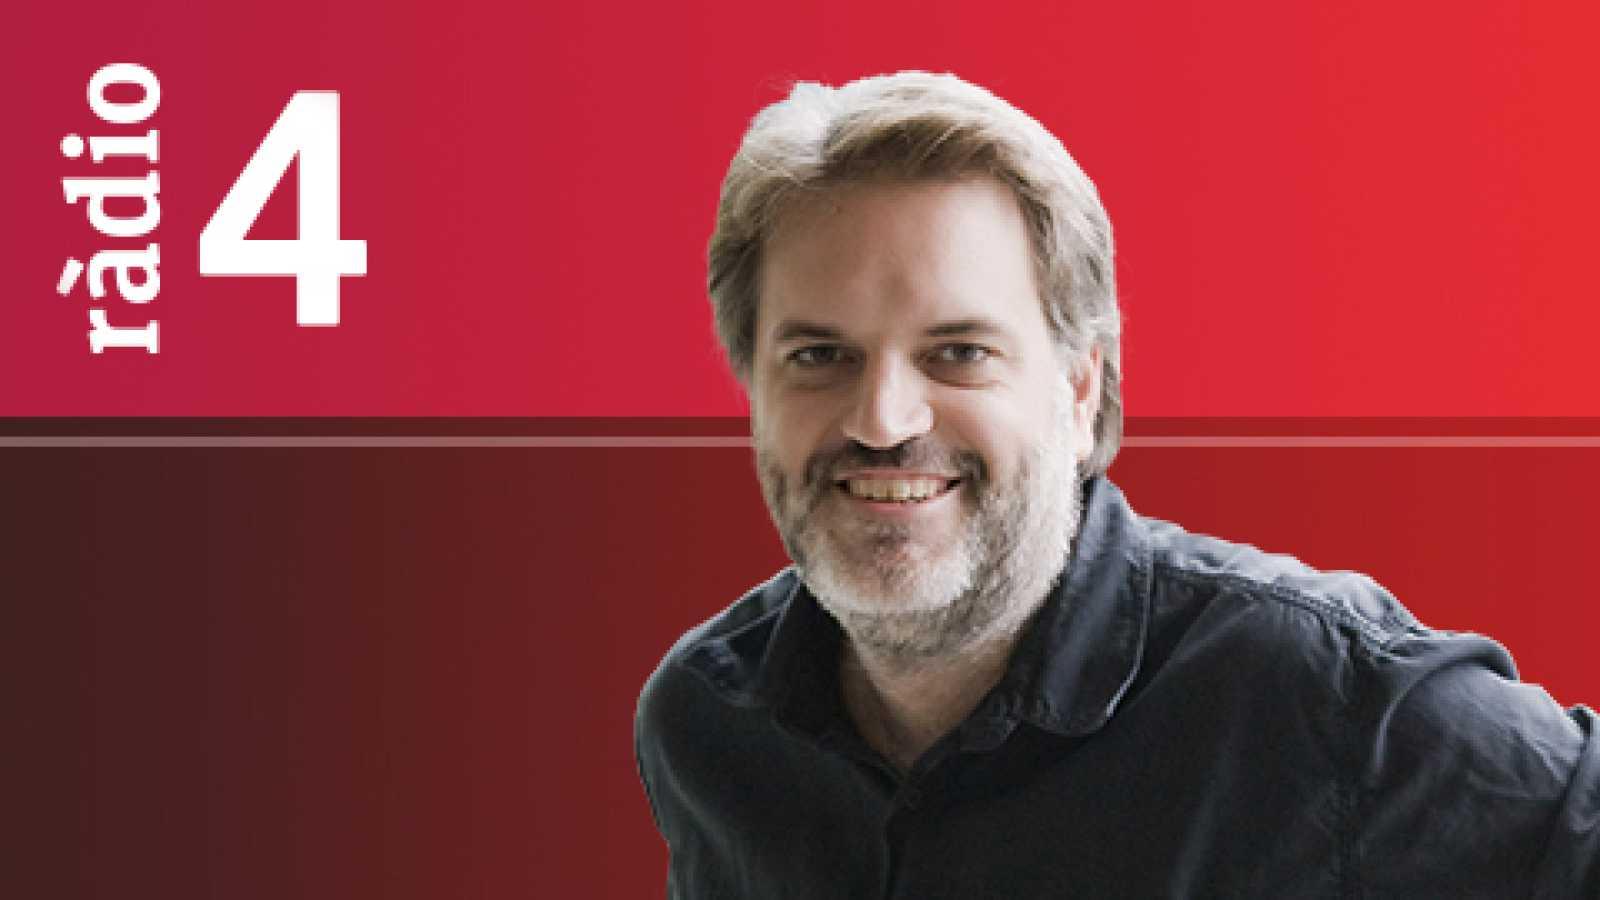 El matí a Ràdio 4 - Tertúlia política (segueix) - Trucada Joan Josep Nuet - Entrevista Bru Rovira